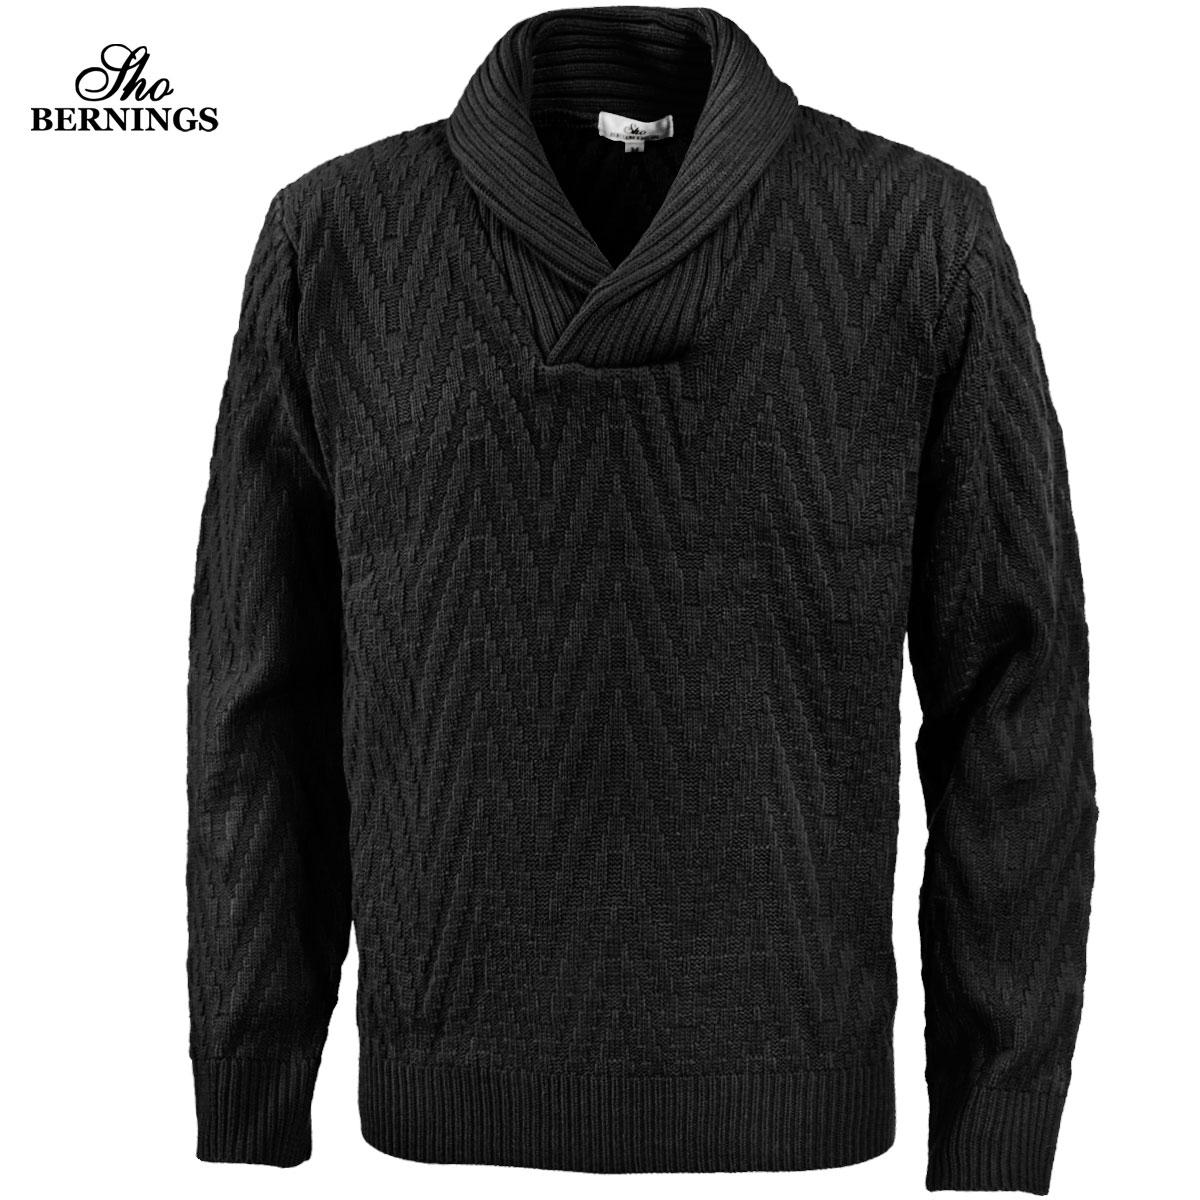 ニット ヘリンボーン柄 ショールカラー メンズ セーター 長袖 ジャガード ニットセーター mens(ブラック黒)